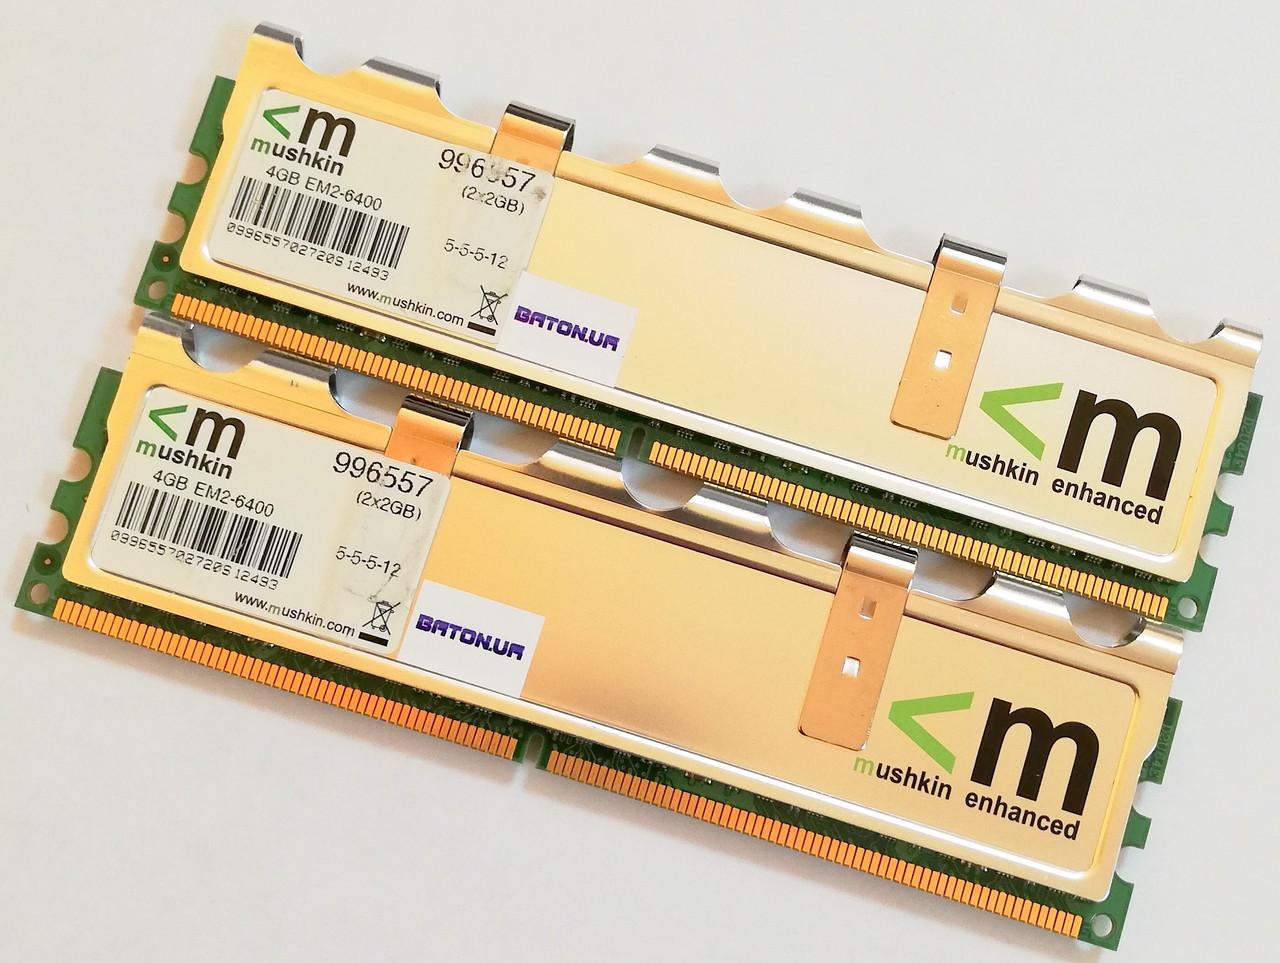 Пара игровой оперативной памяти Mushkin DDR2 4Gb KIT of 2 800MHz PC2 6400U CL5 (996557) Б/У